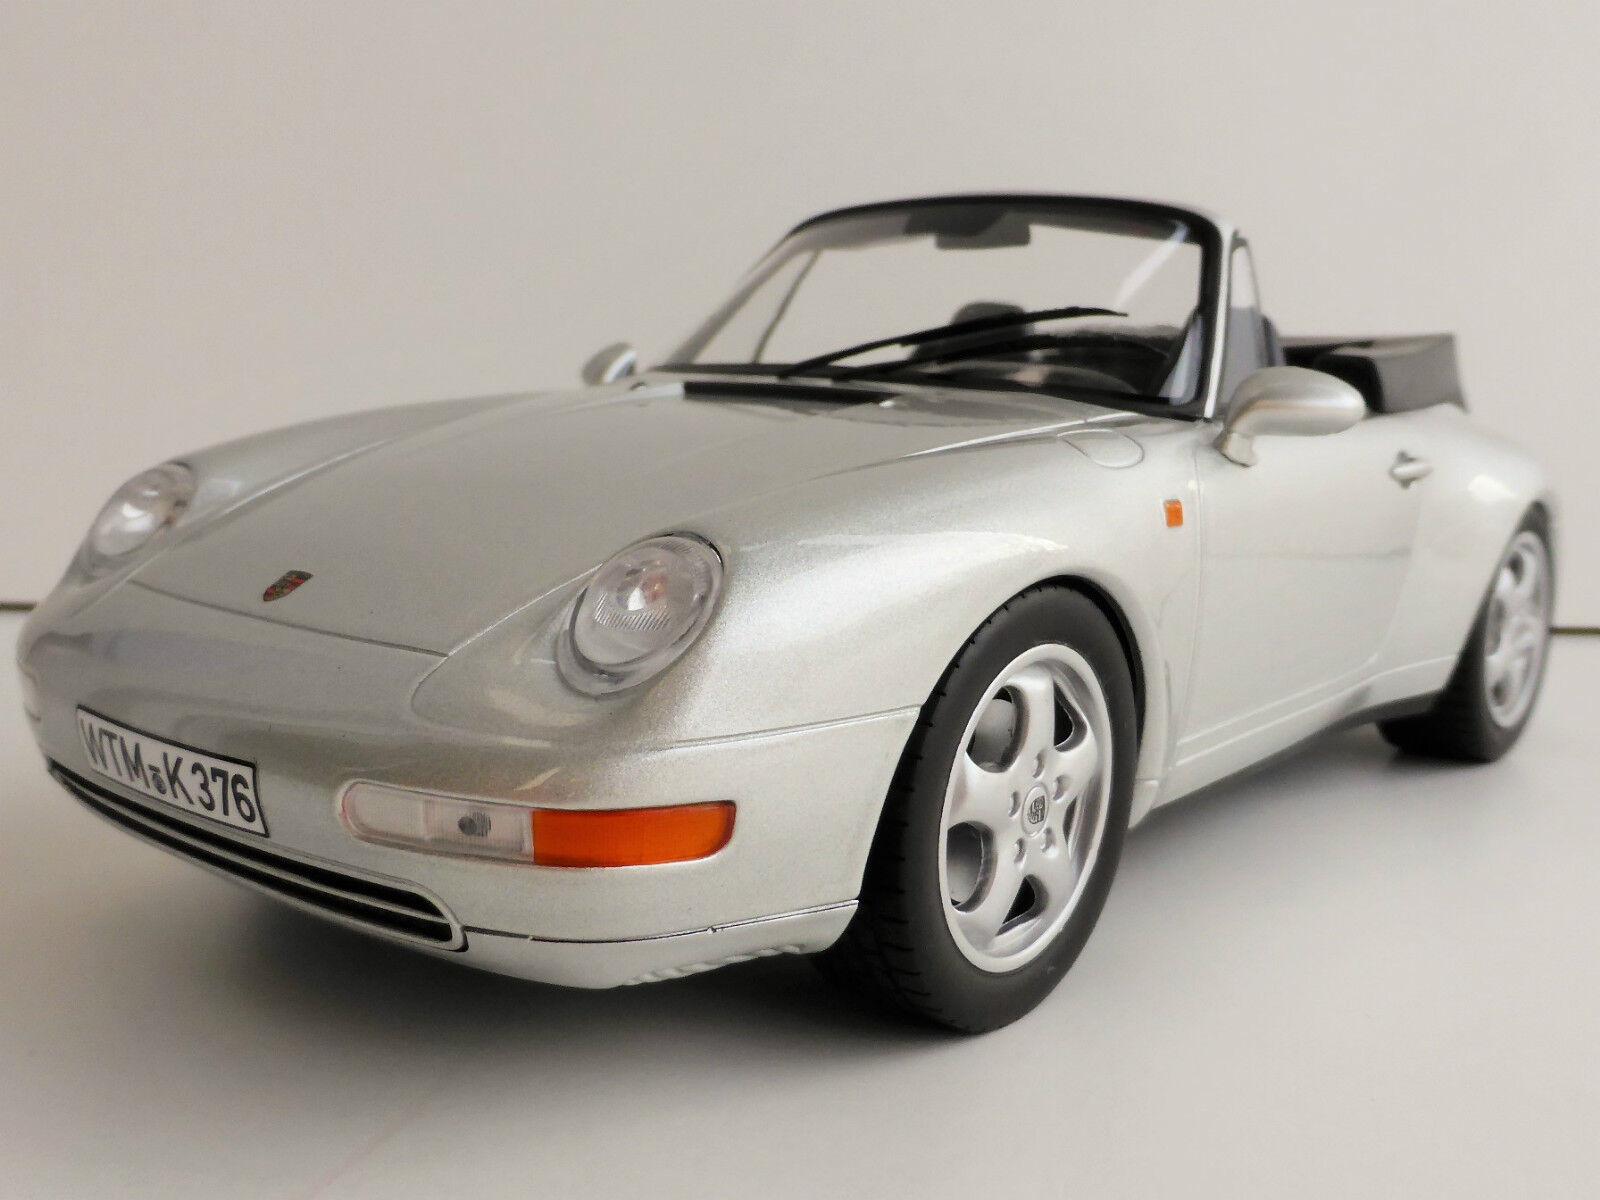 PORSCHE 911 CARRERA CABRIOLET 1993 1 18 NOREV 187592 993 Convertible Cabriolet